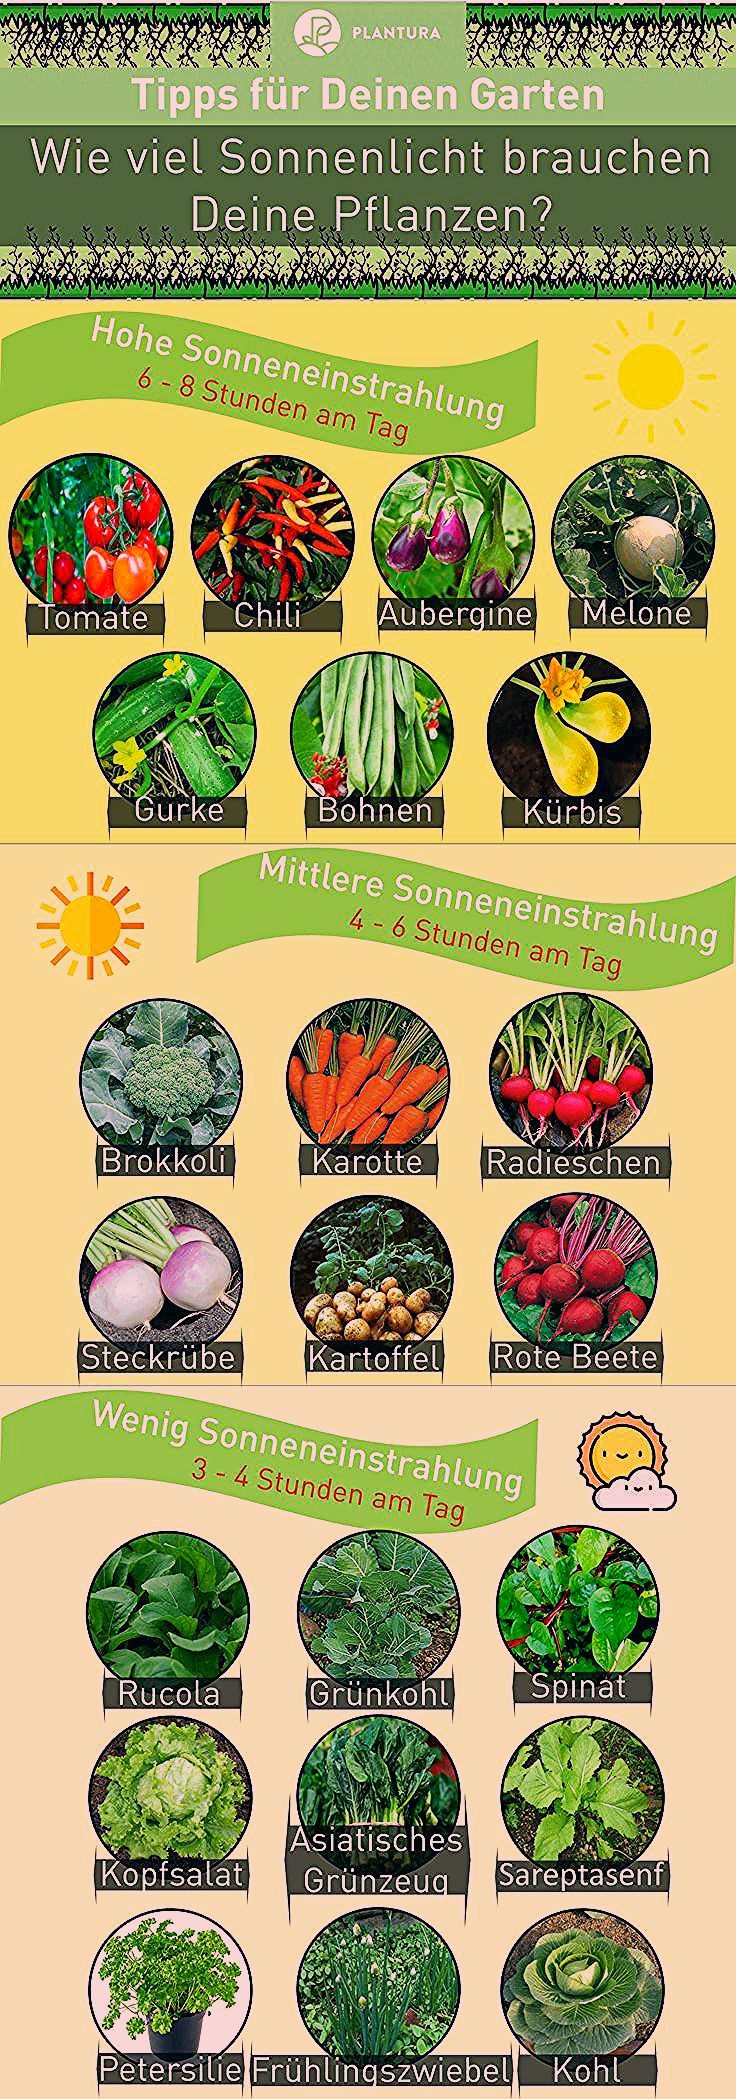 Photo of Schattenpflanzen: 16 Pflanzen für den Schatten in Ihrem Garten – Plantura